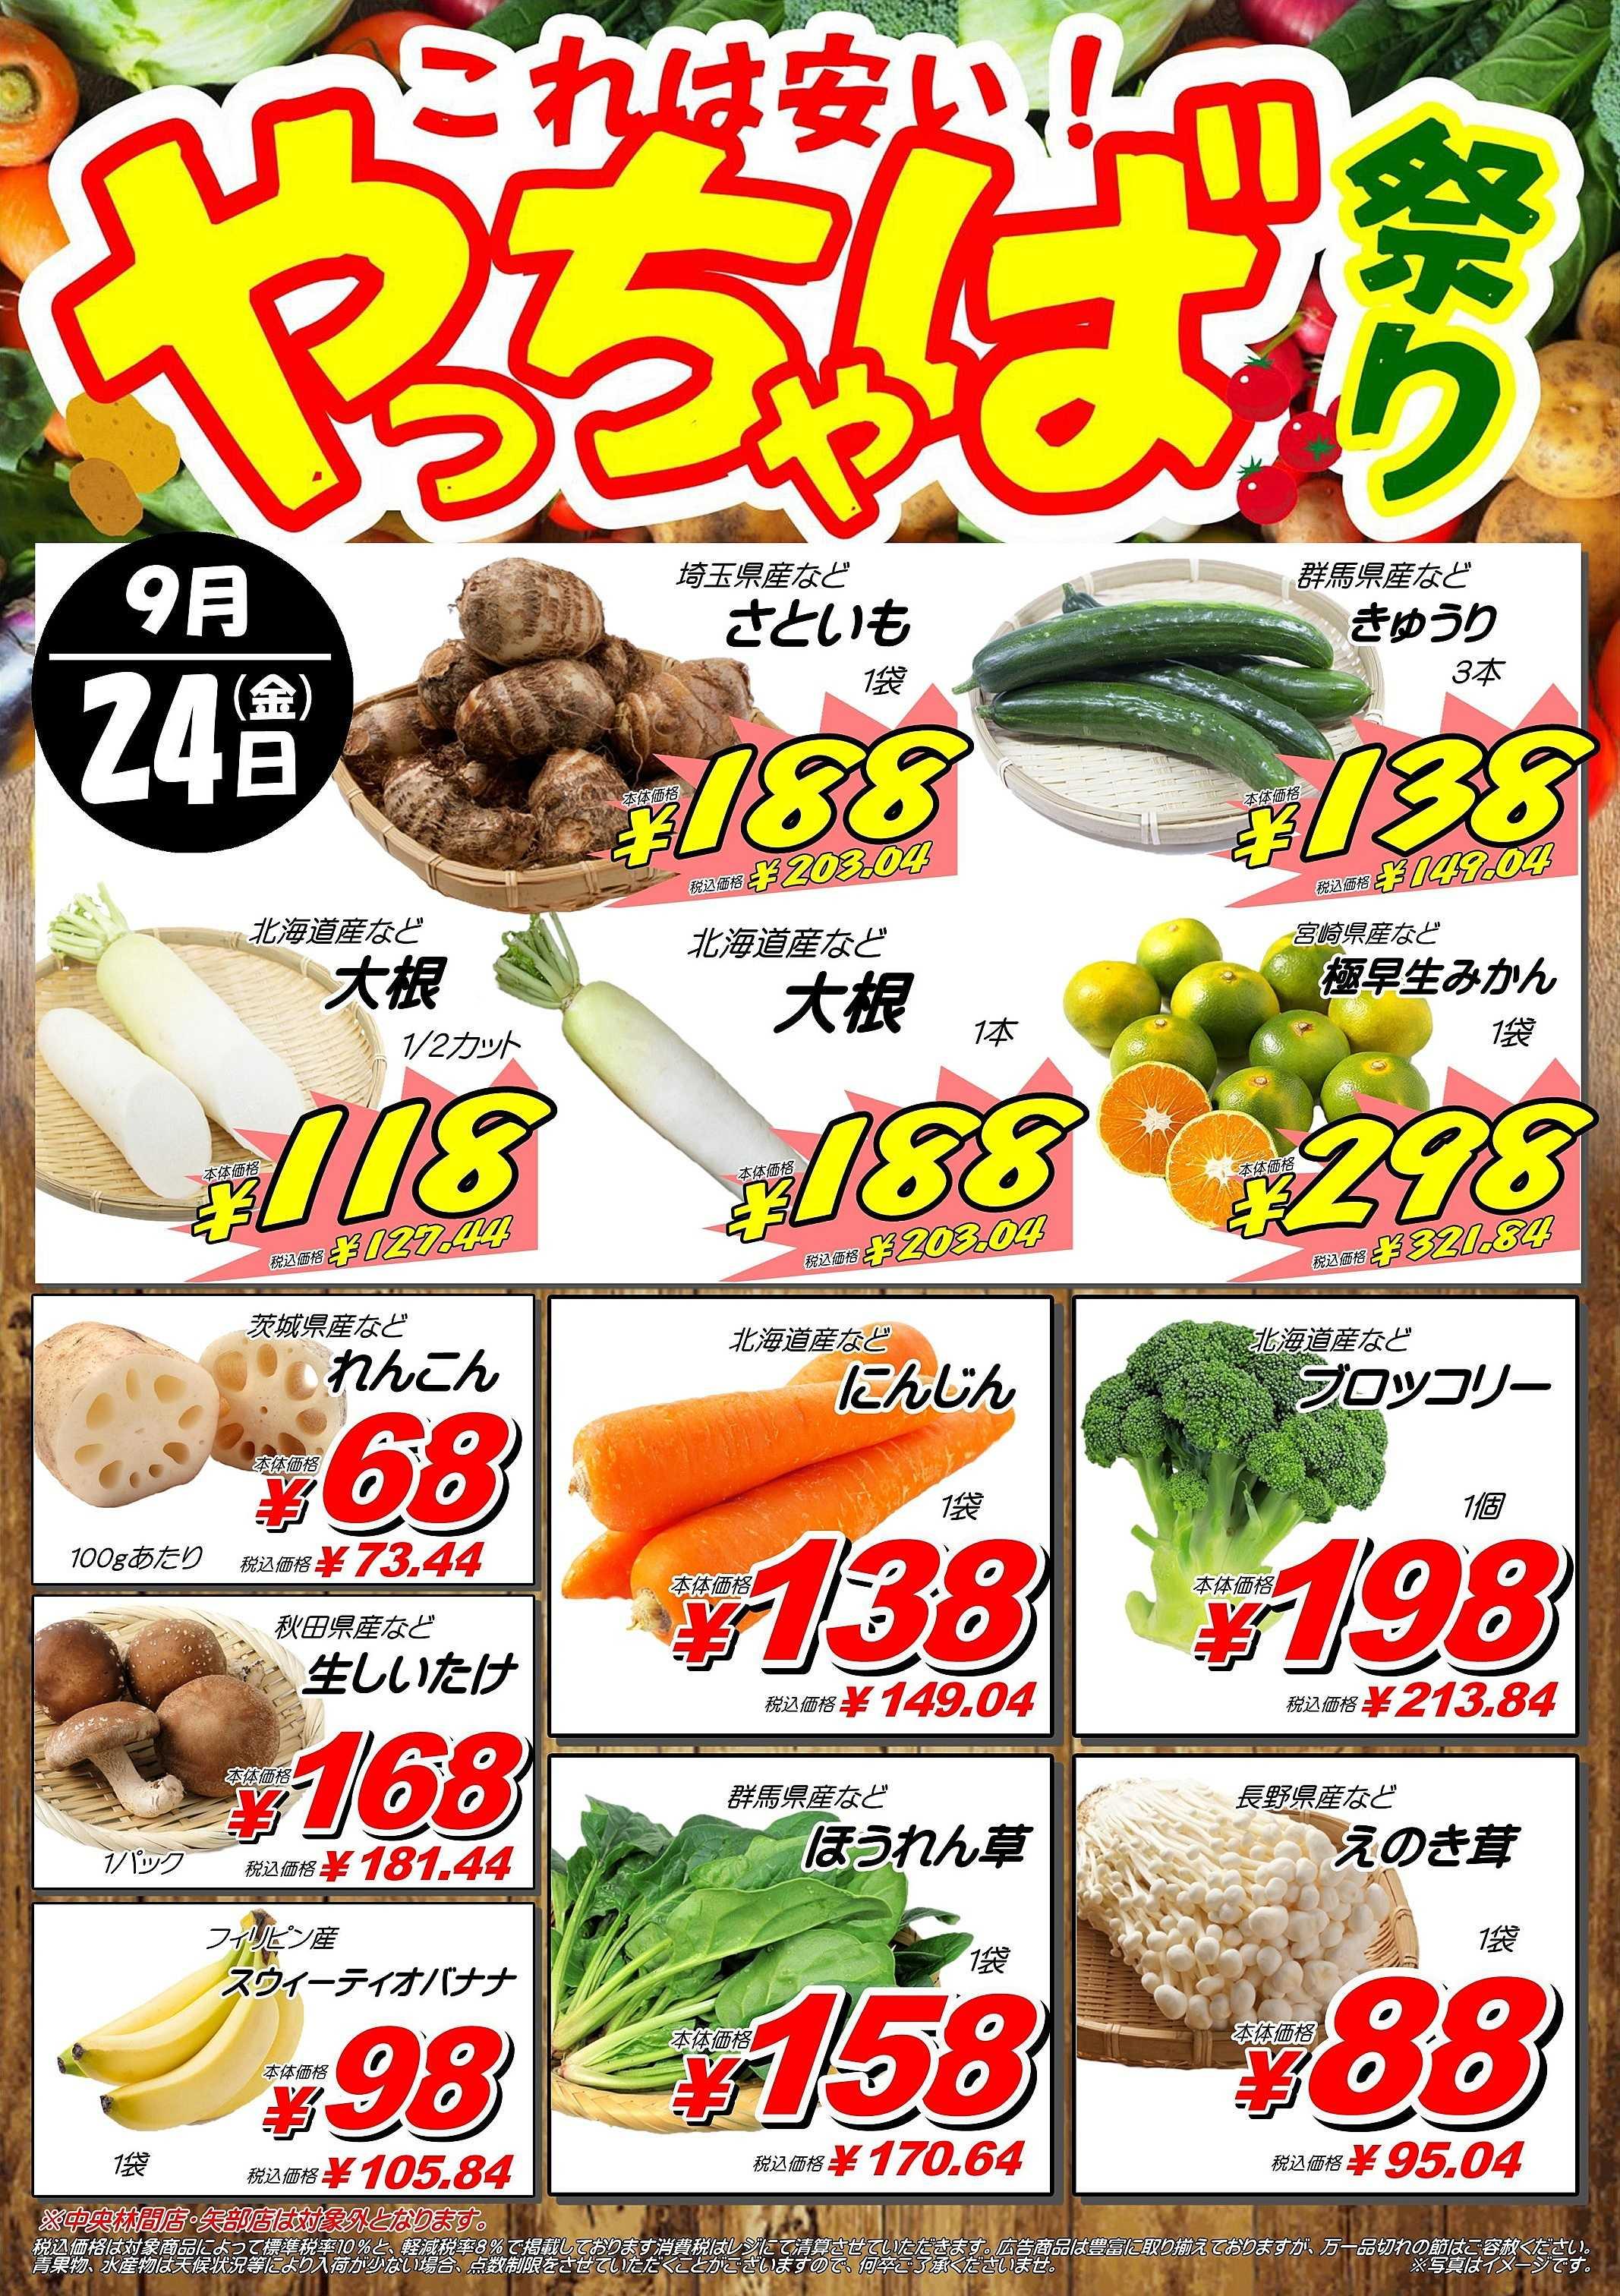 オオゼキ 9/24(金)最強!青果祭り!「やっちゃば祭り」